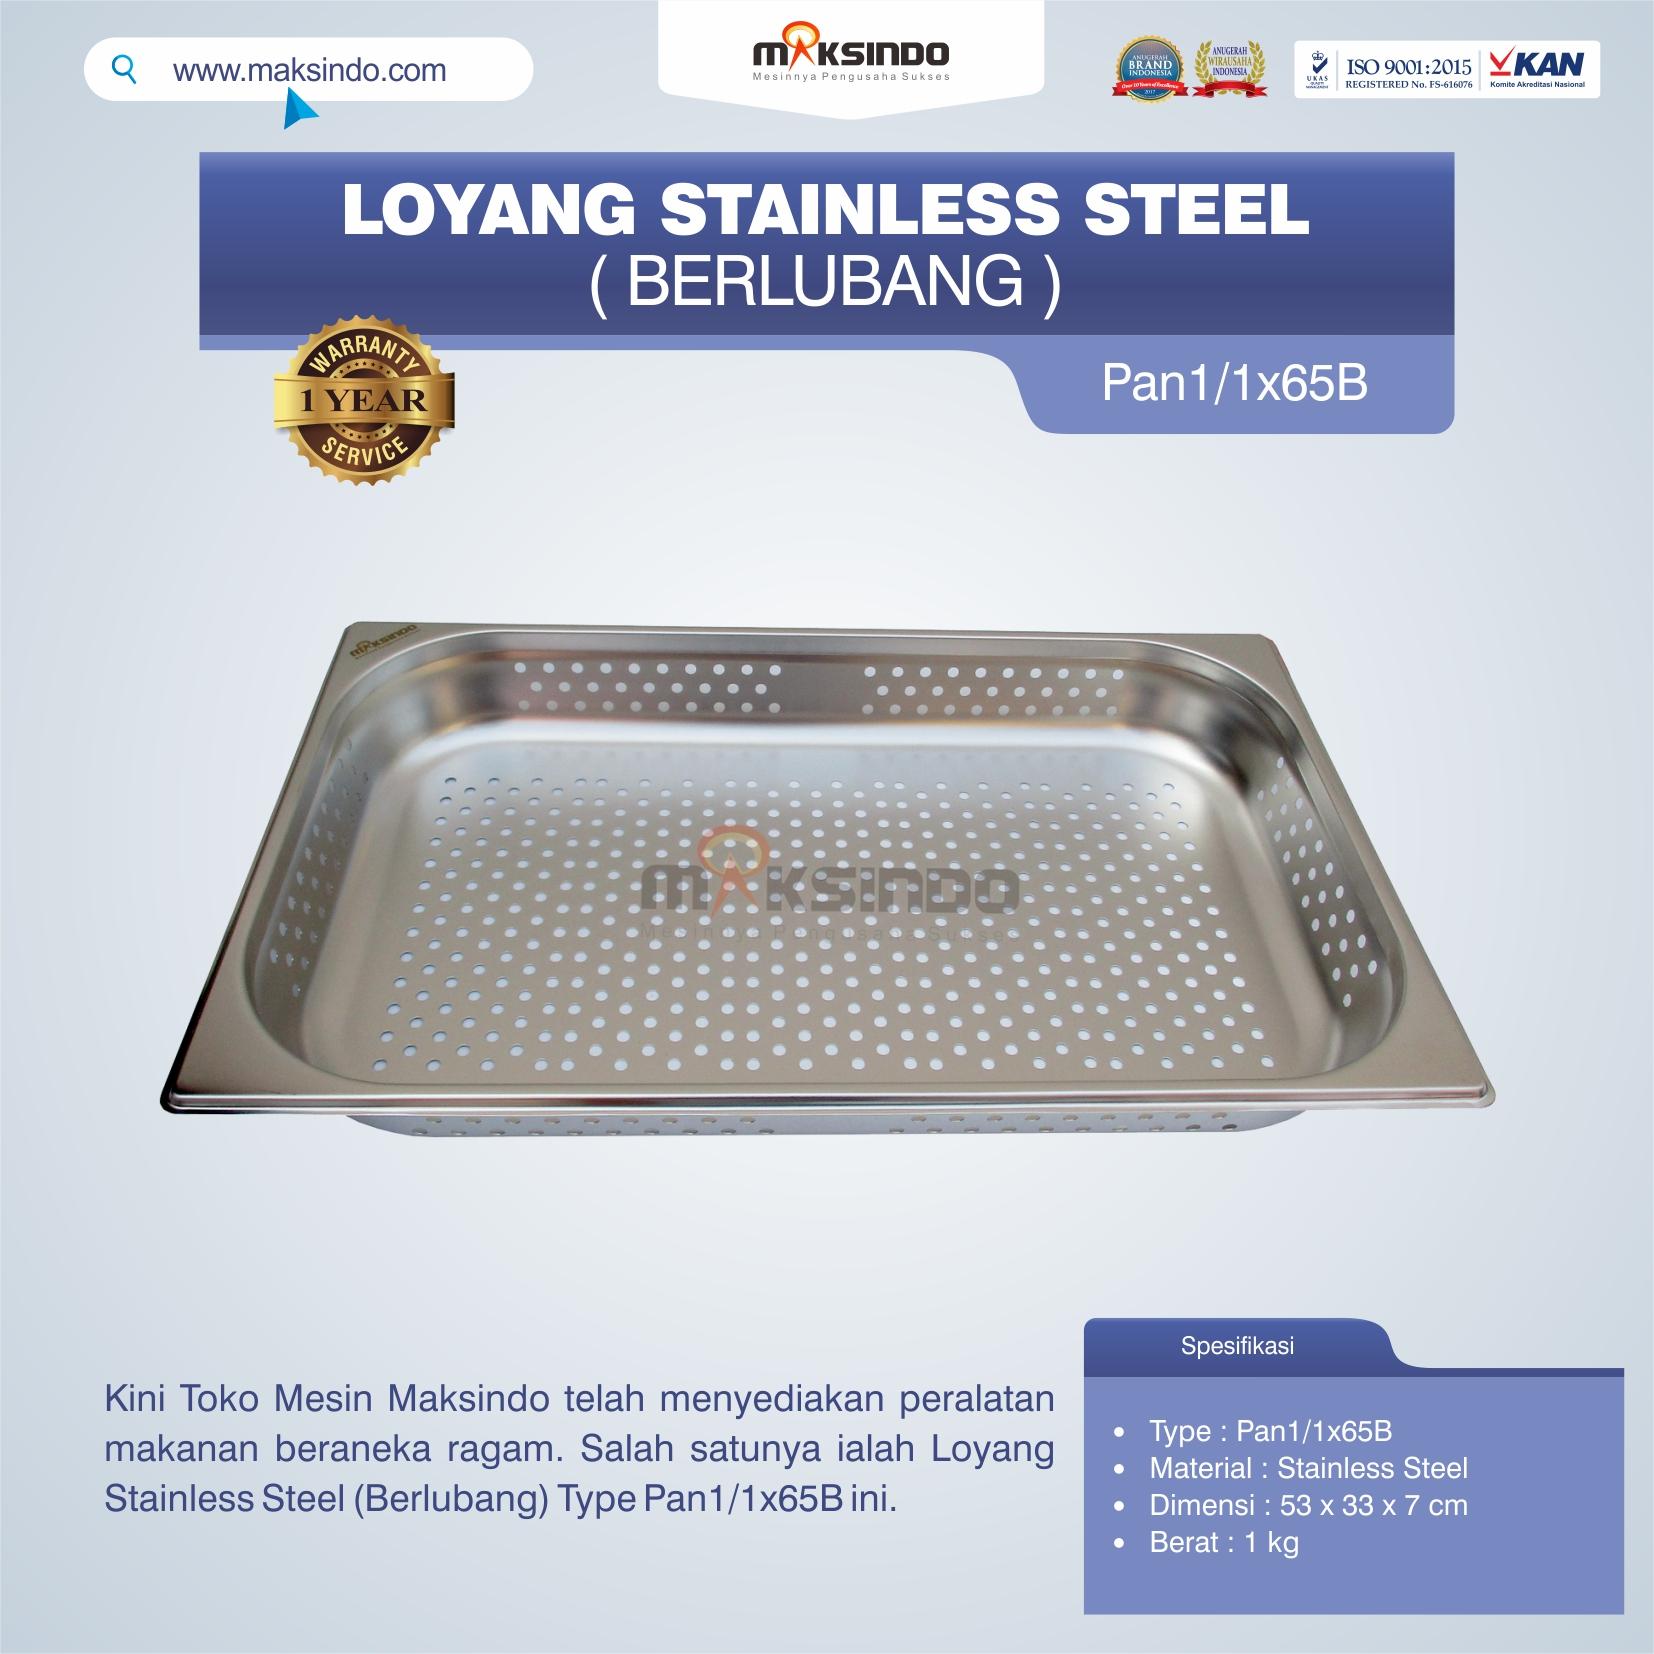 Jual Loyang Stainless Steel (Berlubang) Type Pan1/1x65B di Banjarmasin